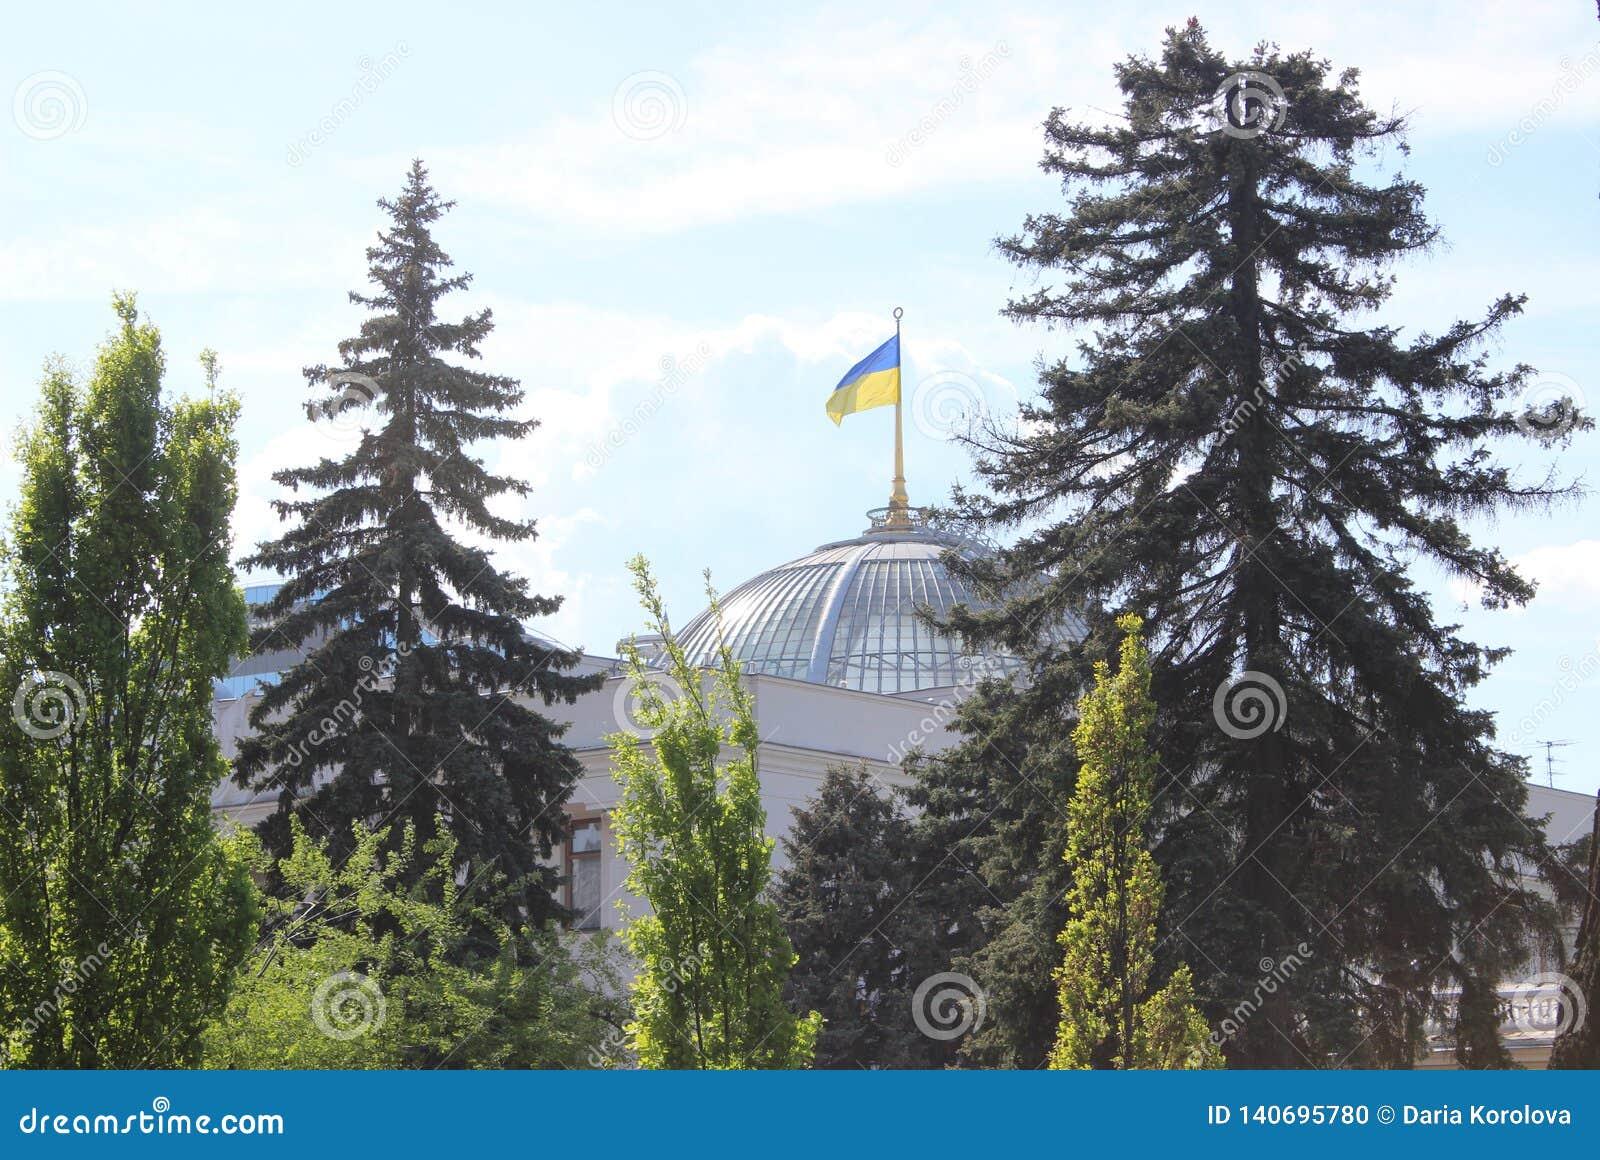 Il Parlamento ucraino con una bandiera ucraina sul tetto